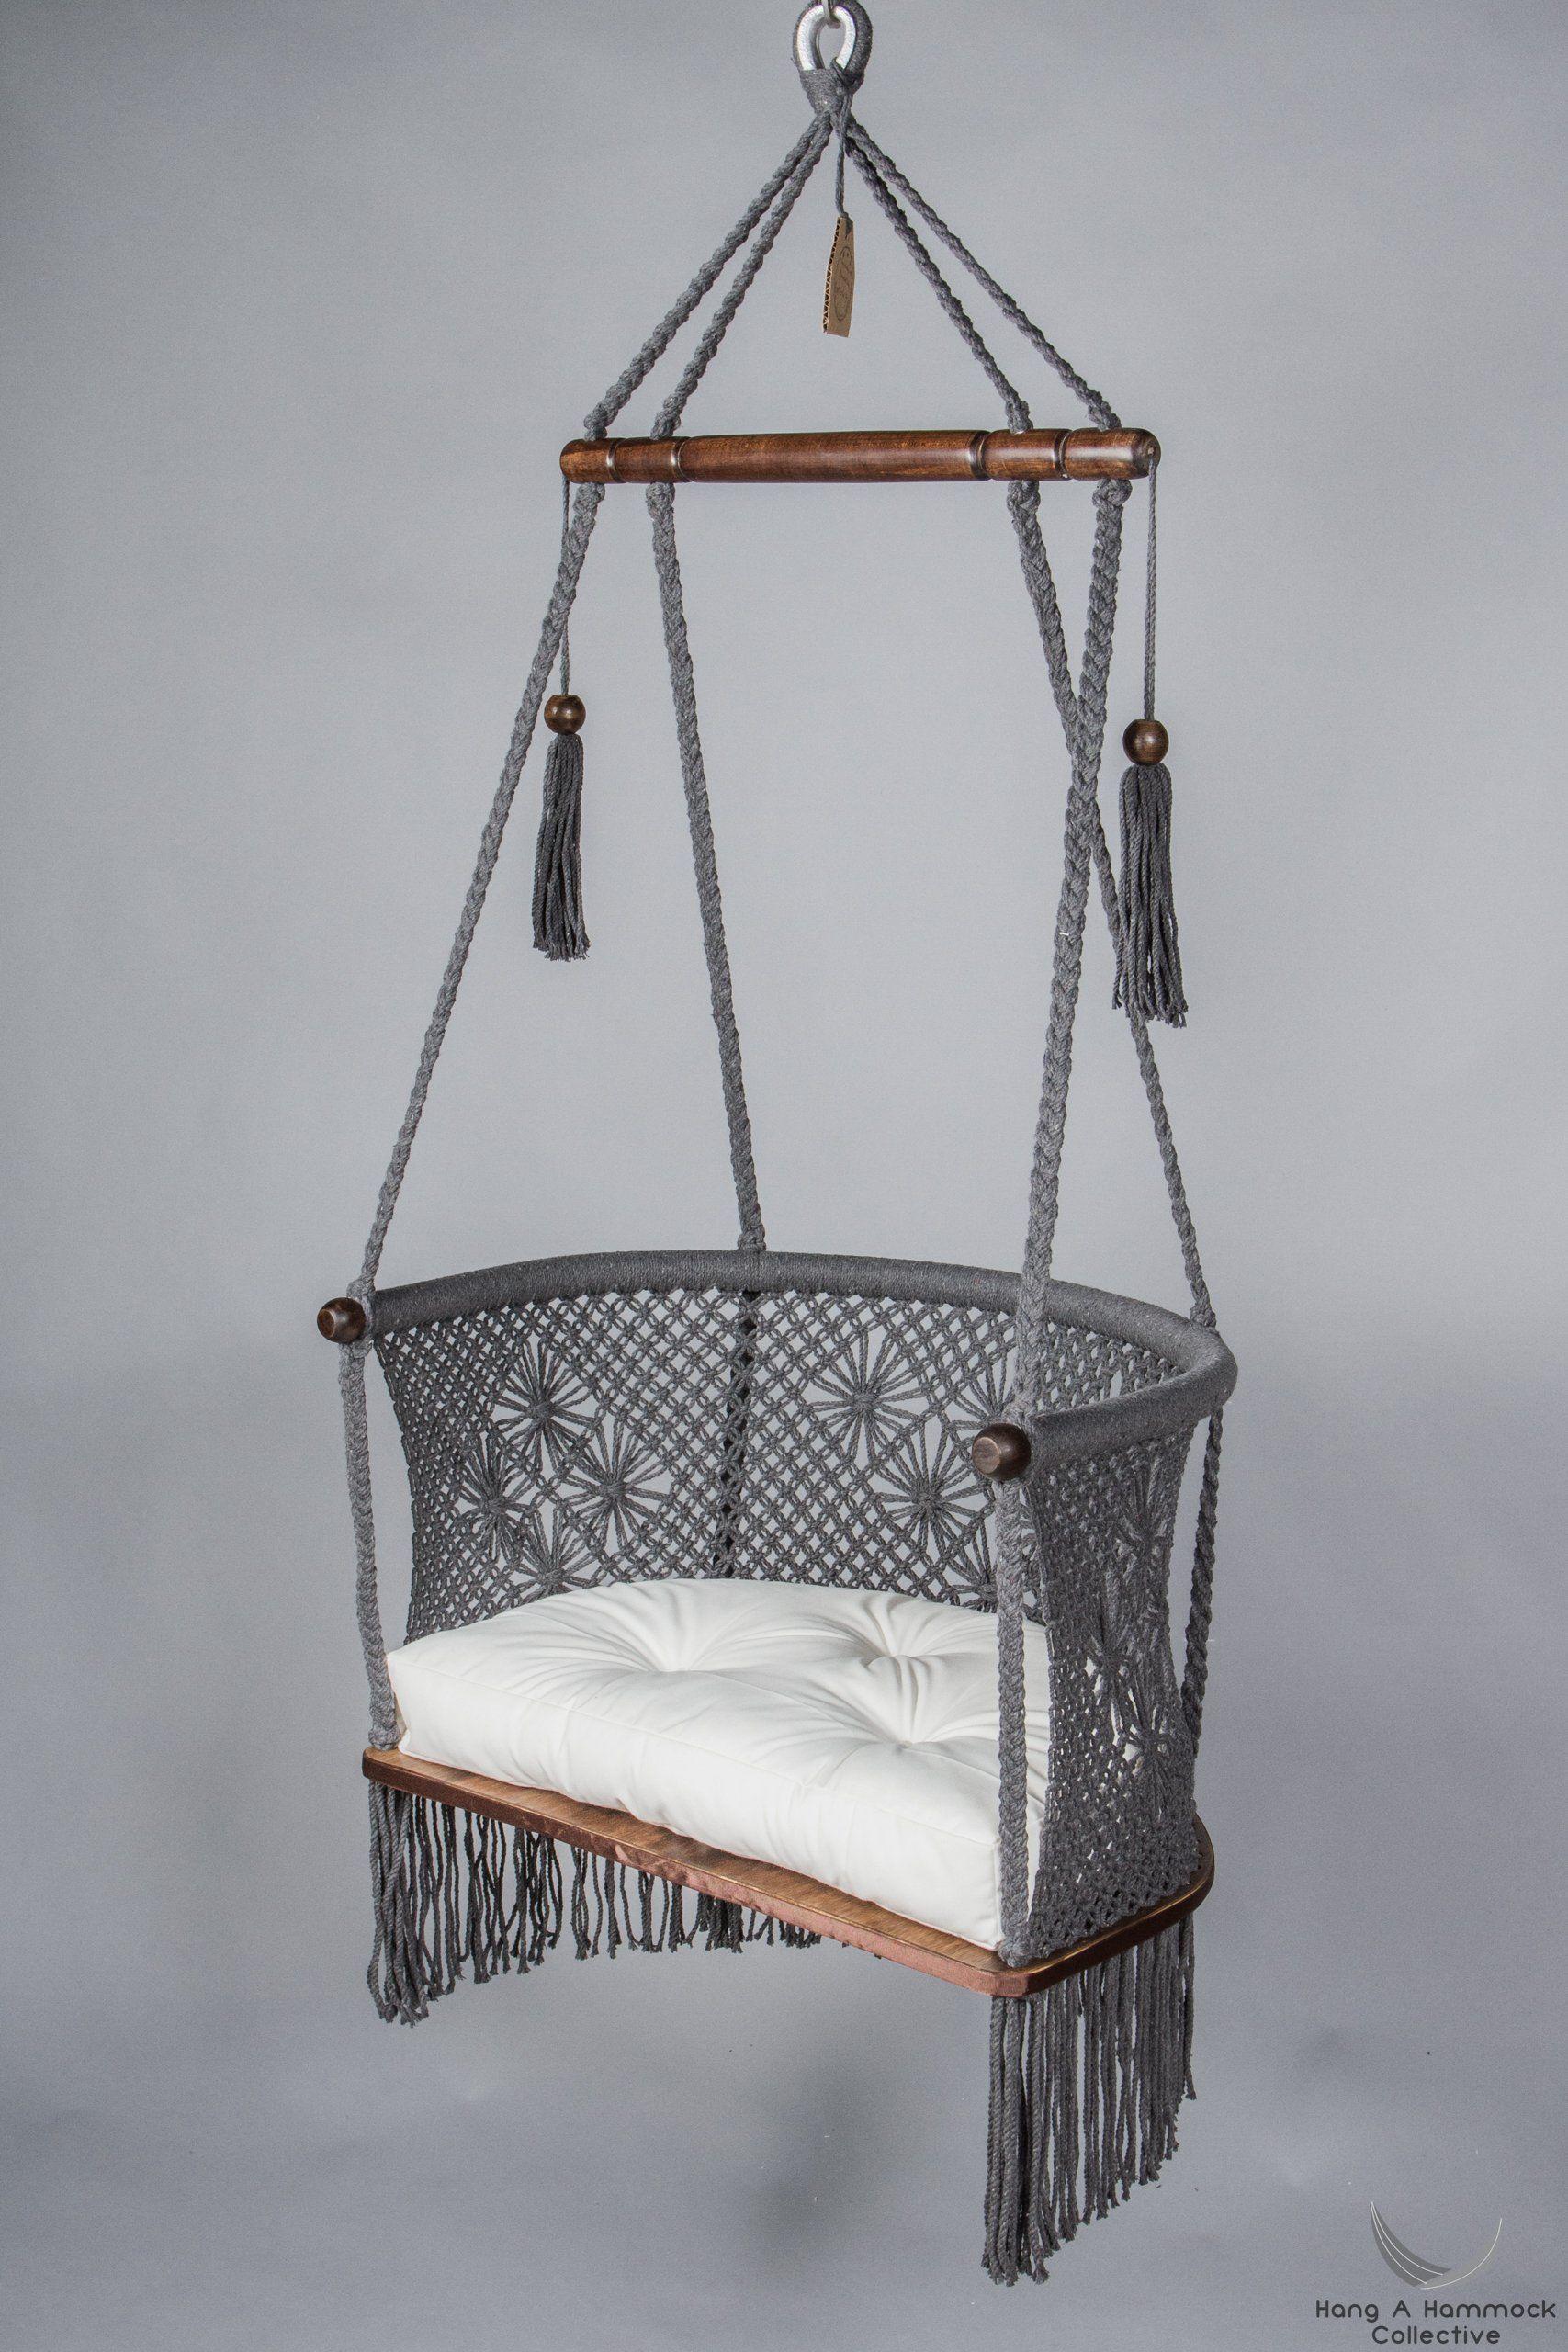 Macrame Hanging Chair in Grey Dark wood